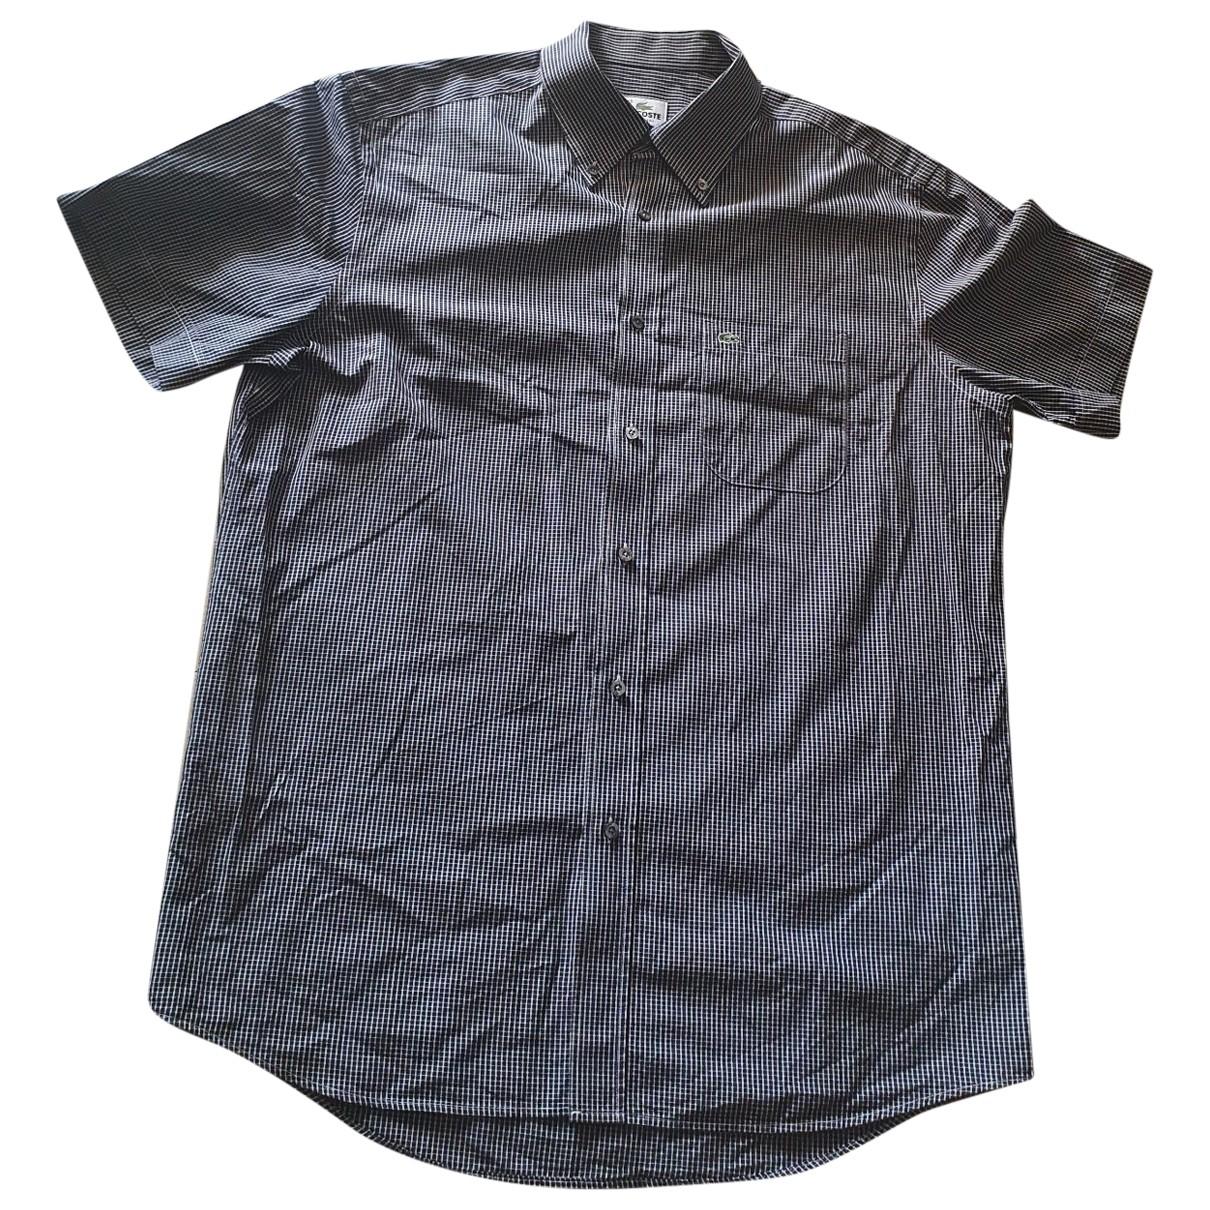 Lacoste \N Blue Cotton Shirts for Men 43 EU (tour de cou / collar)